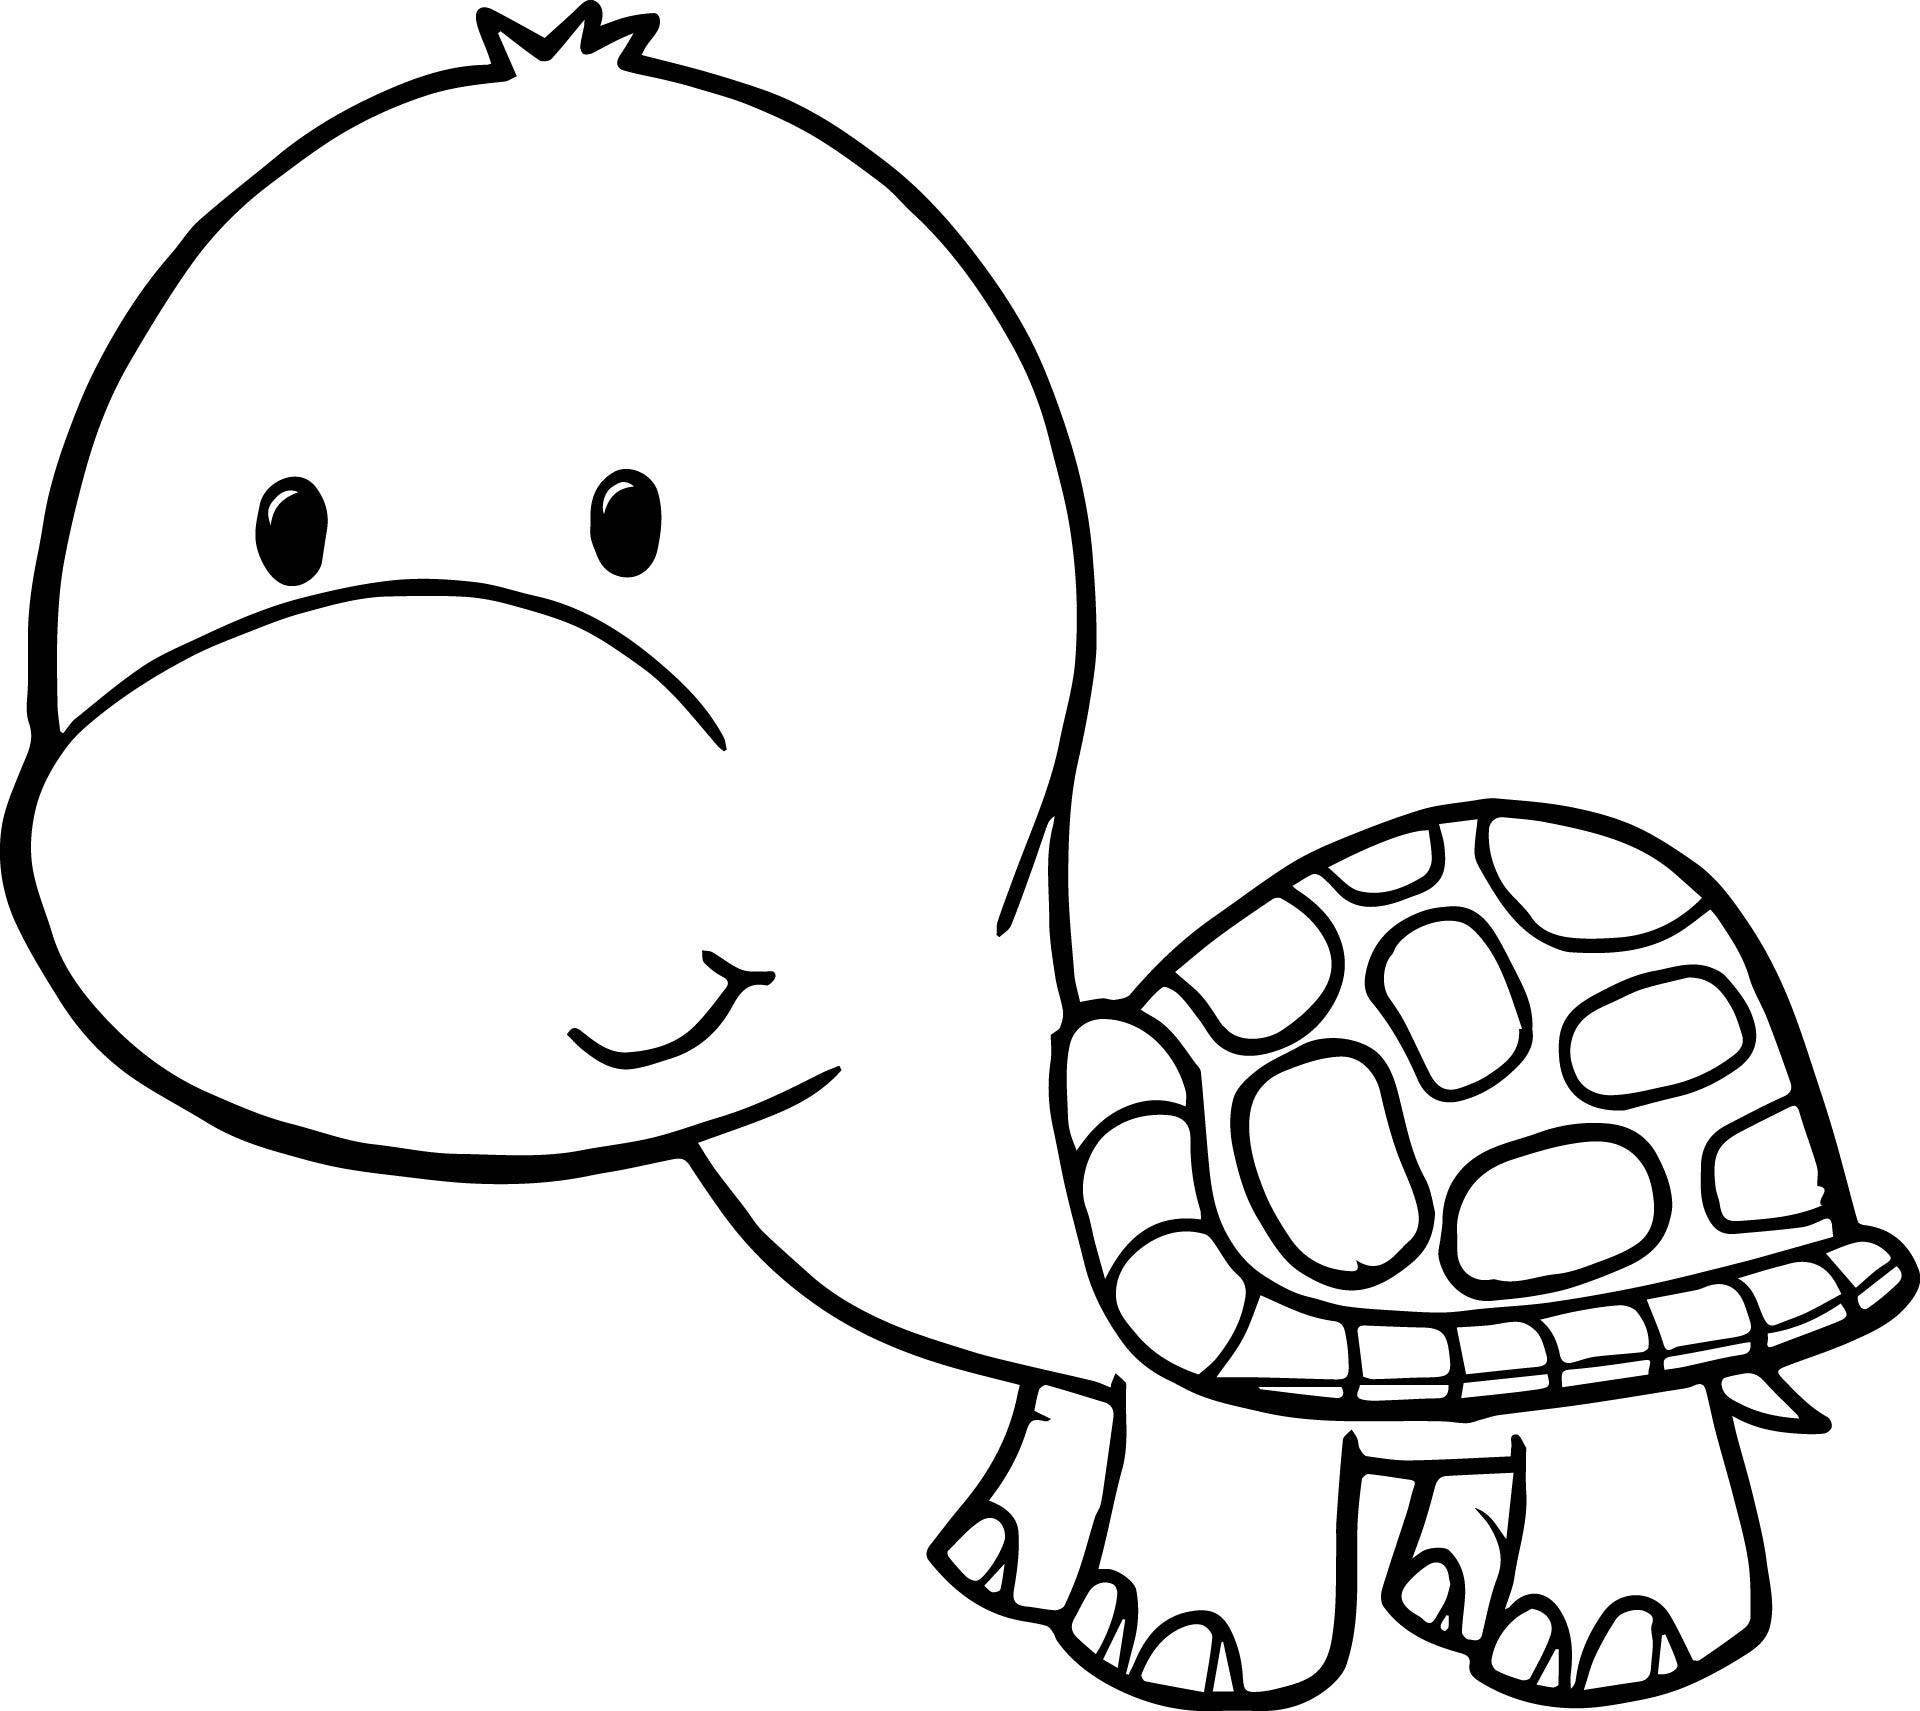 Cartoon Turtle Drawing At Getdrawings